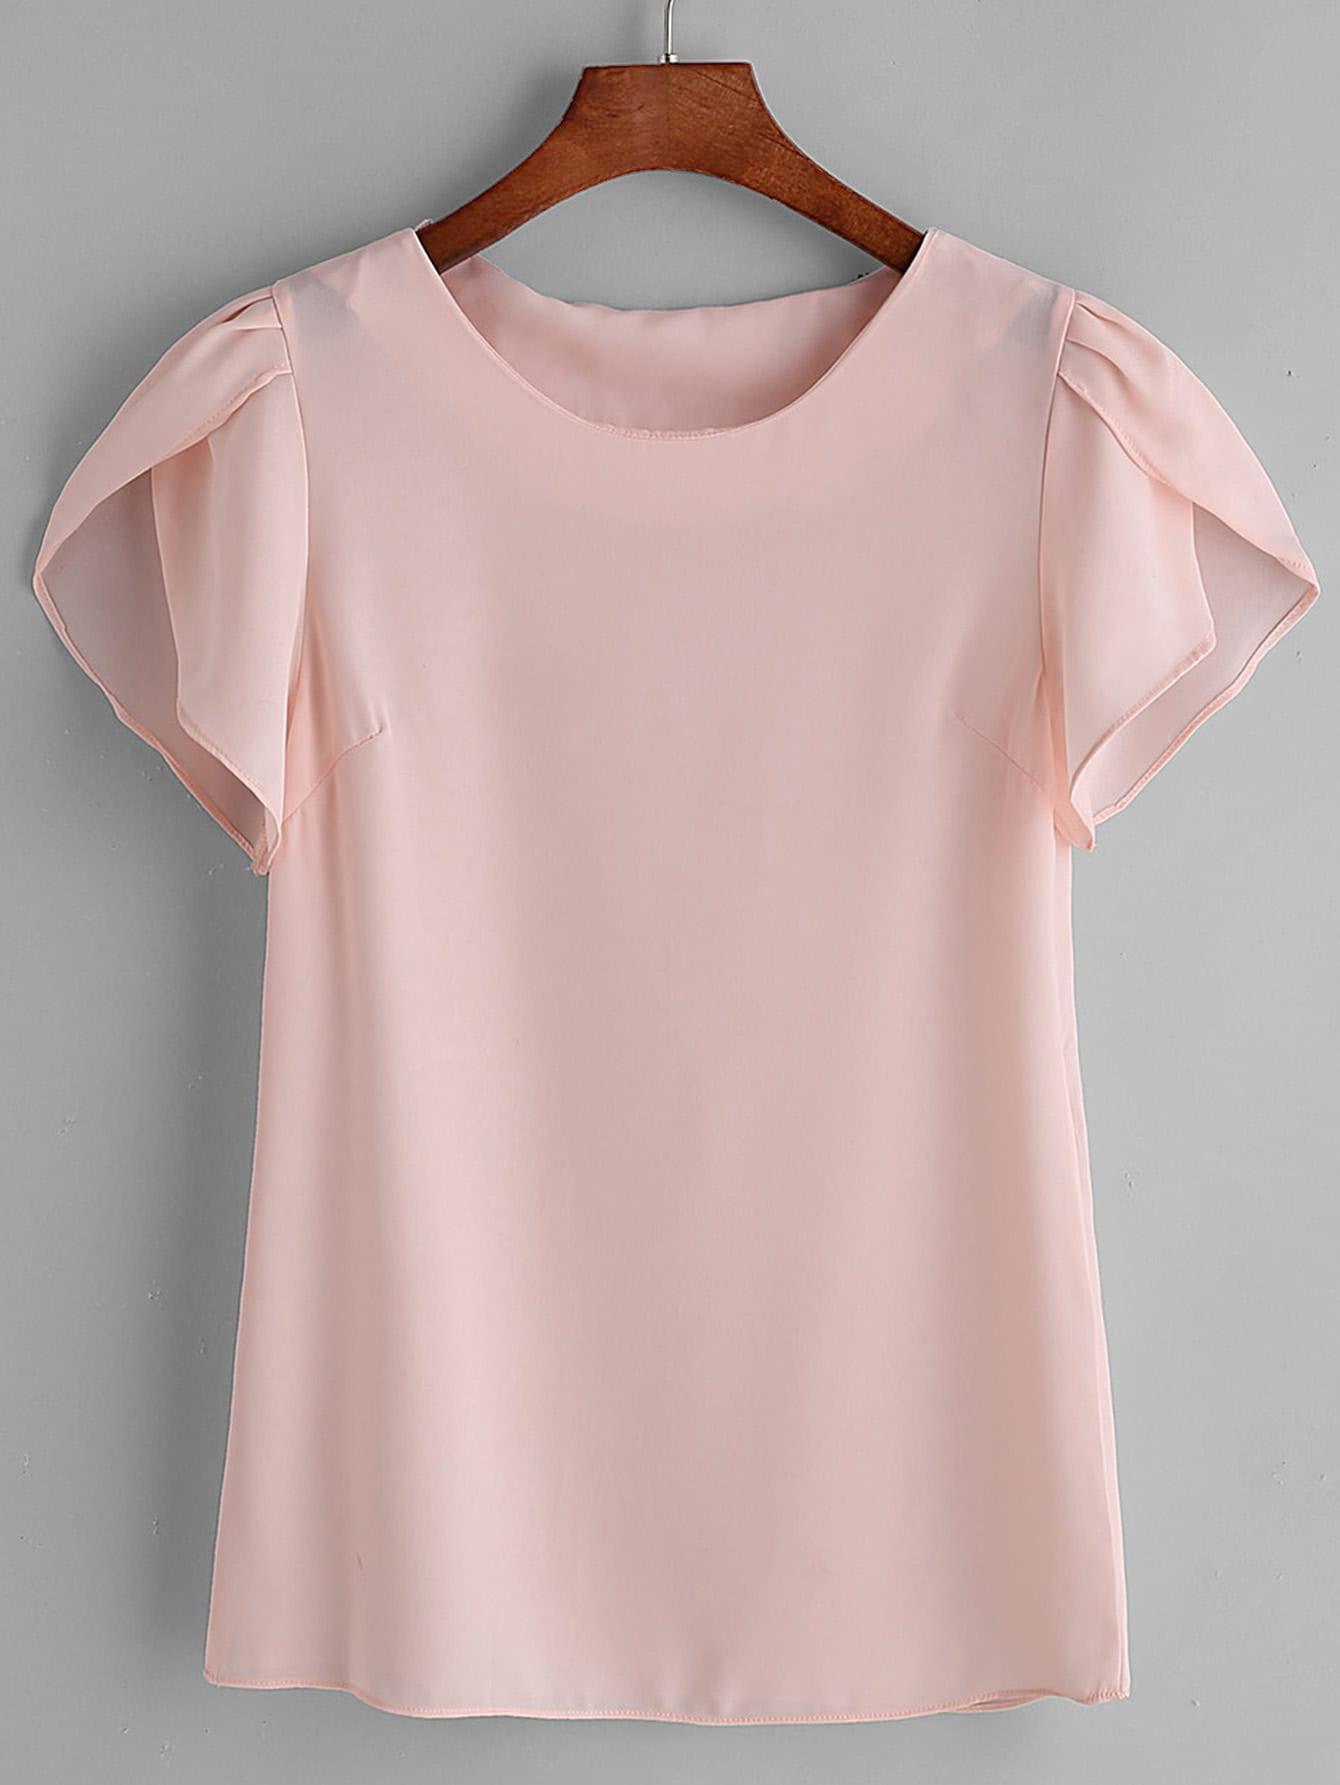 Купить Розовая плиссированная блузка с воротником из шифона, null, SheIn